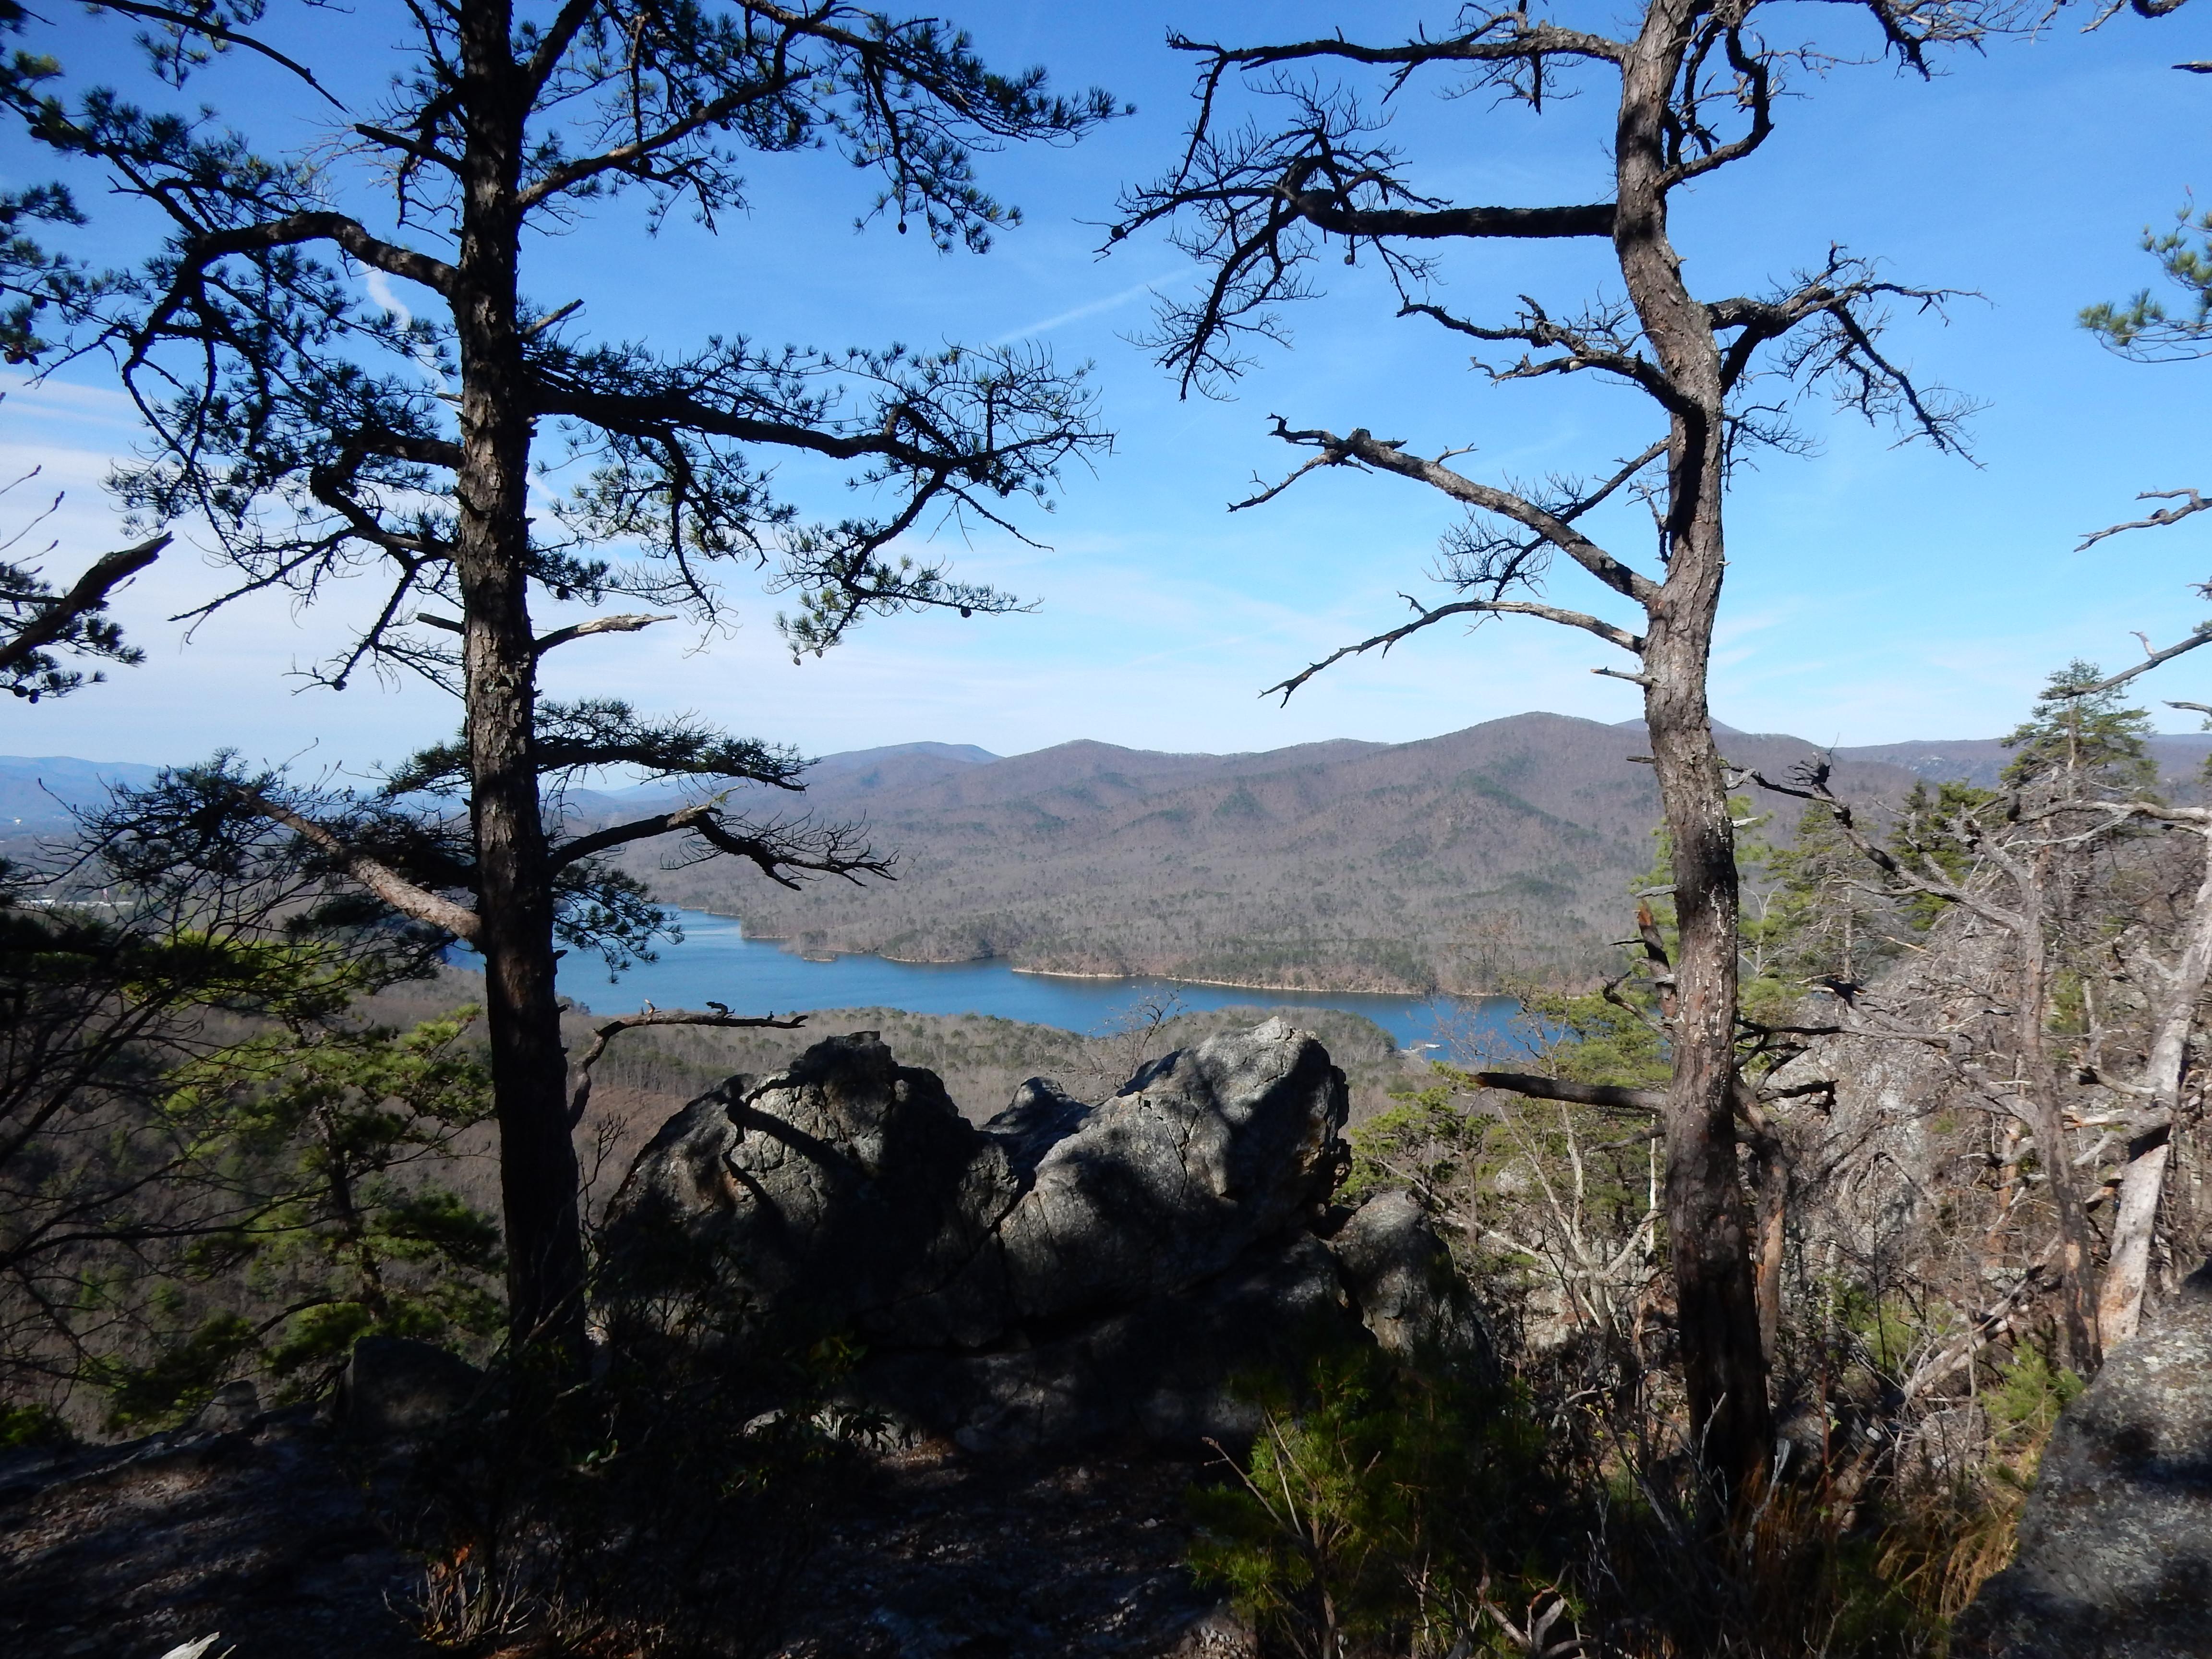 virginia hikes | Weekend Jots on Weekend Jaunts